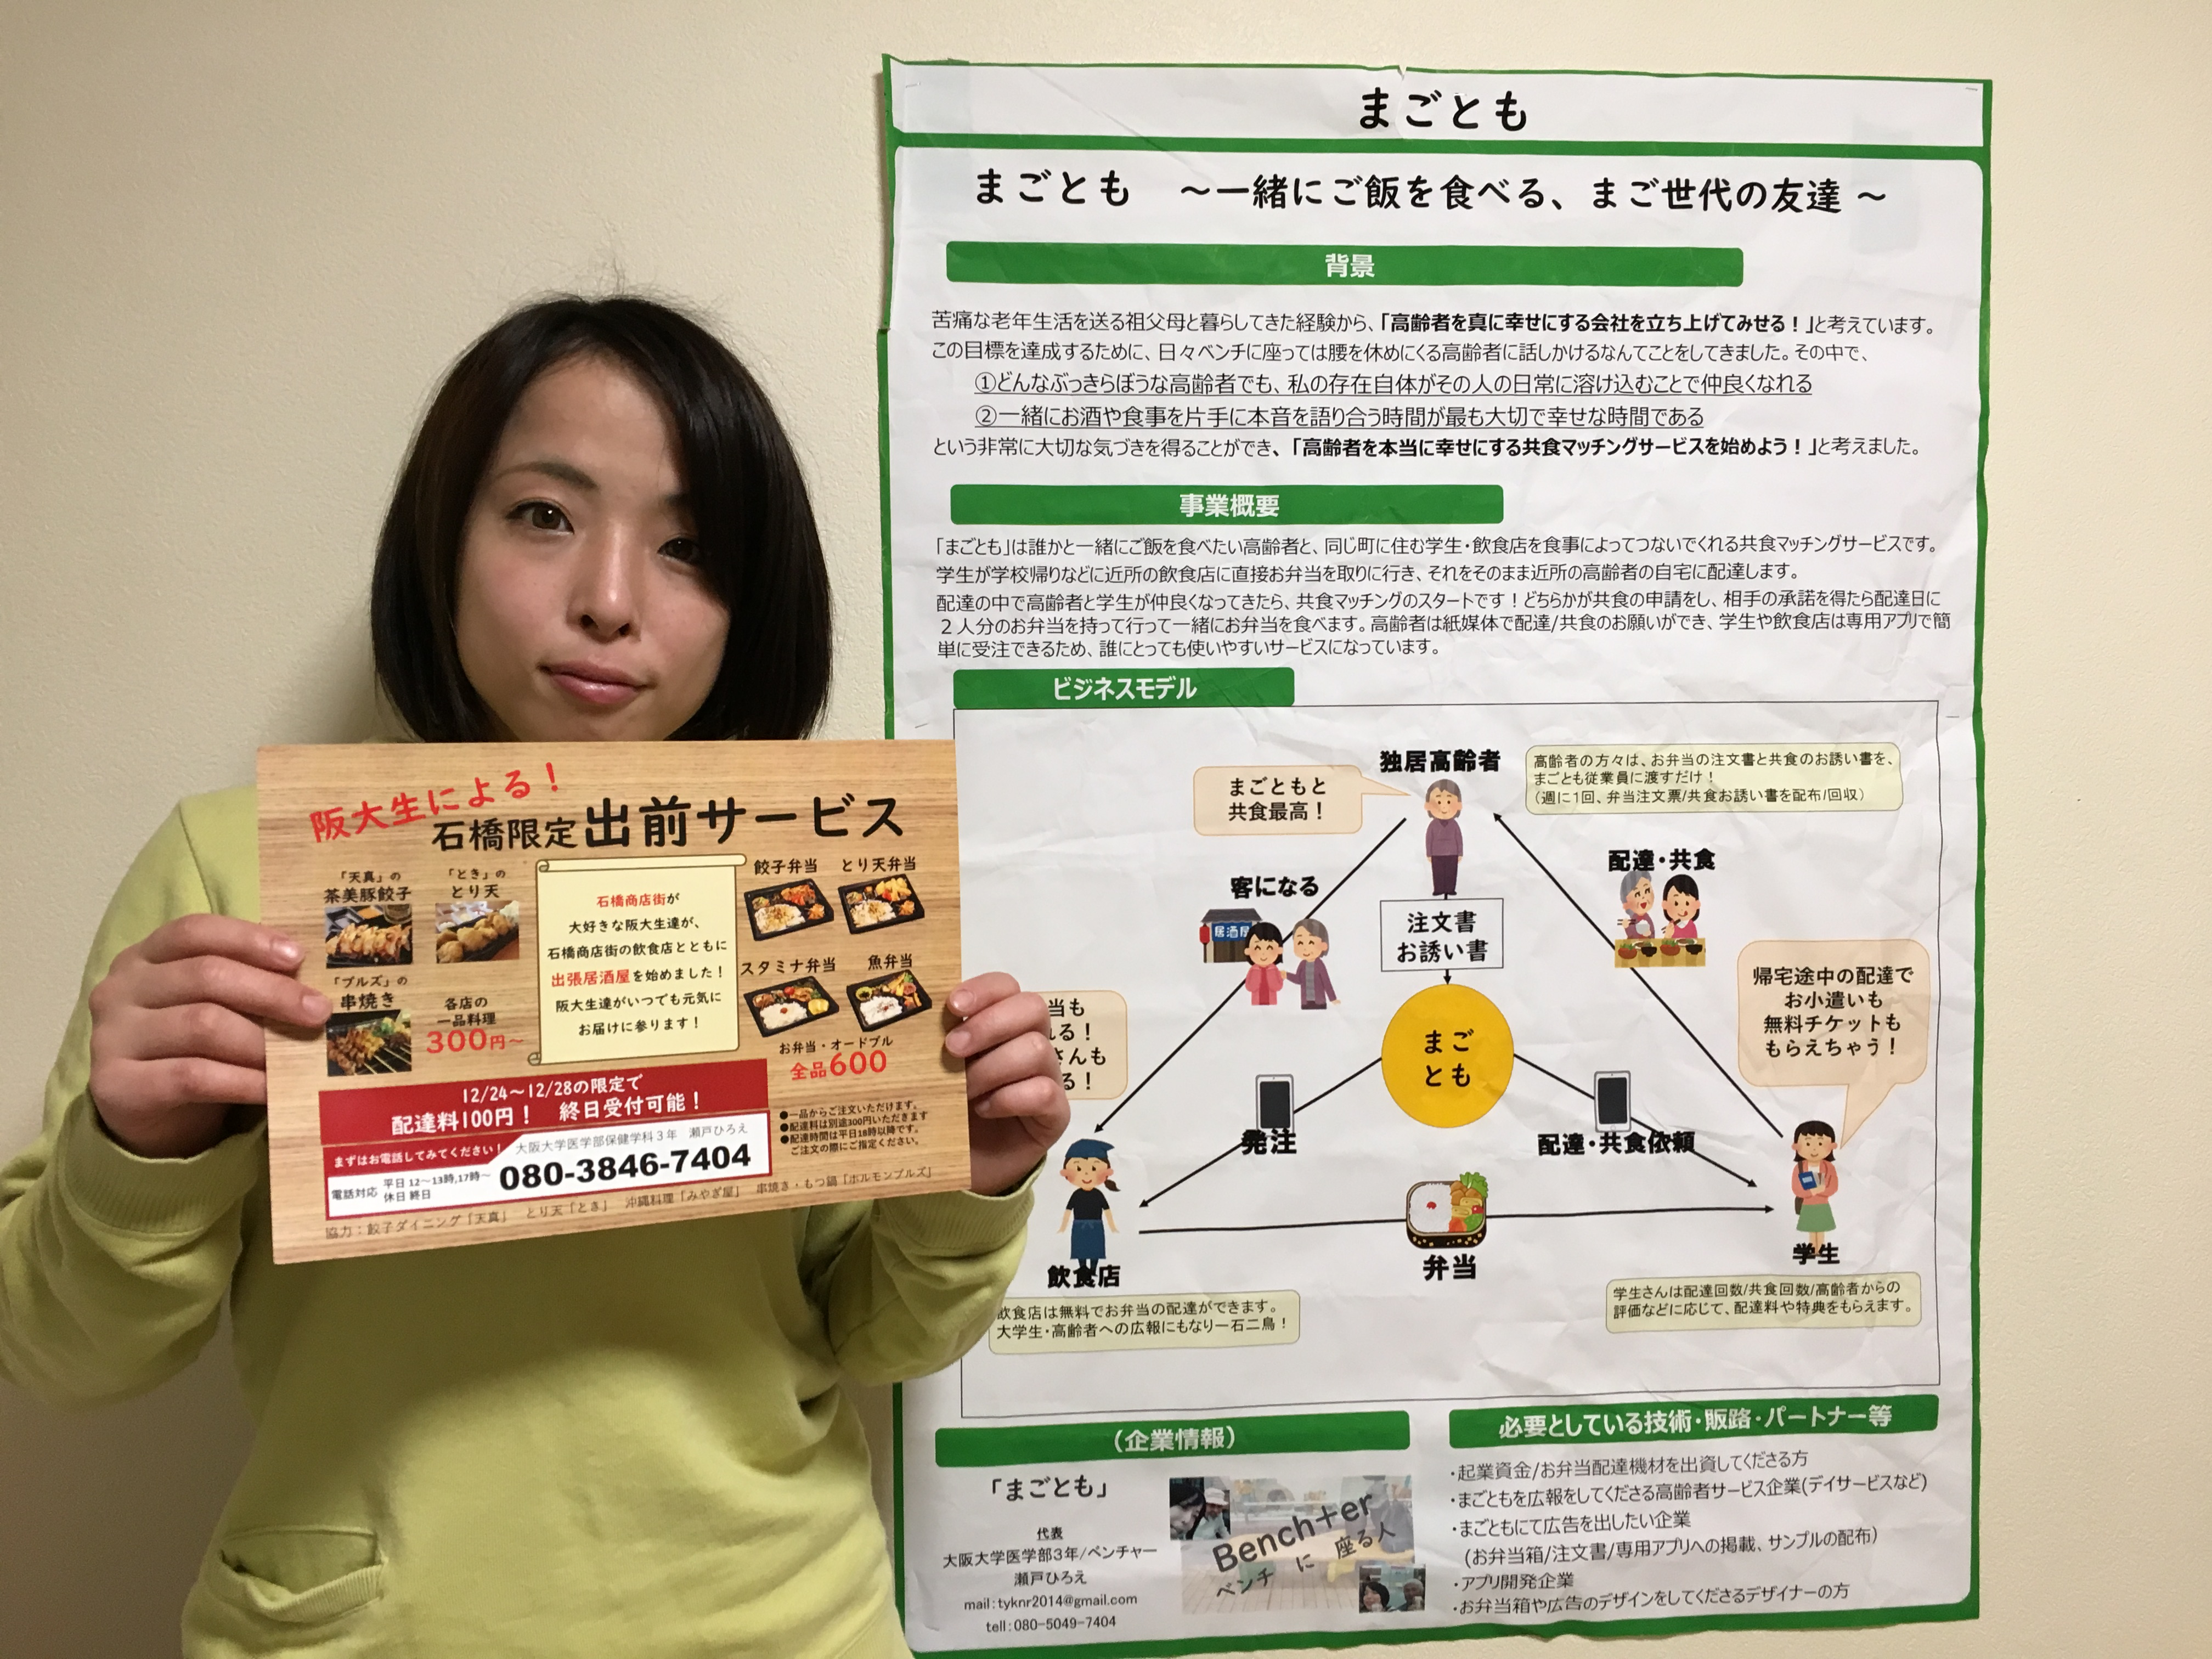 紹介チラシを持つ瀬戸ひろえさん(撮影=田中穂乃香)